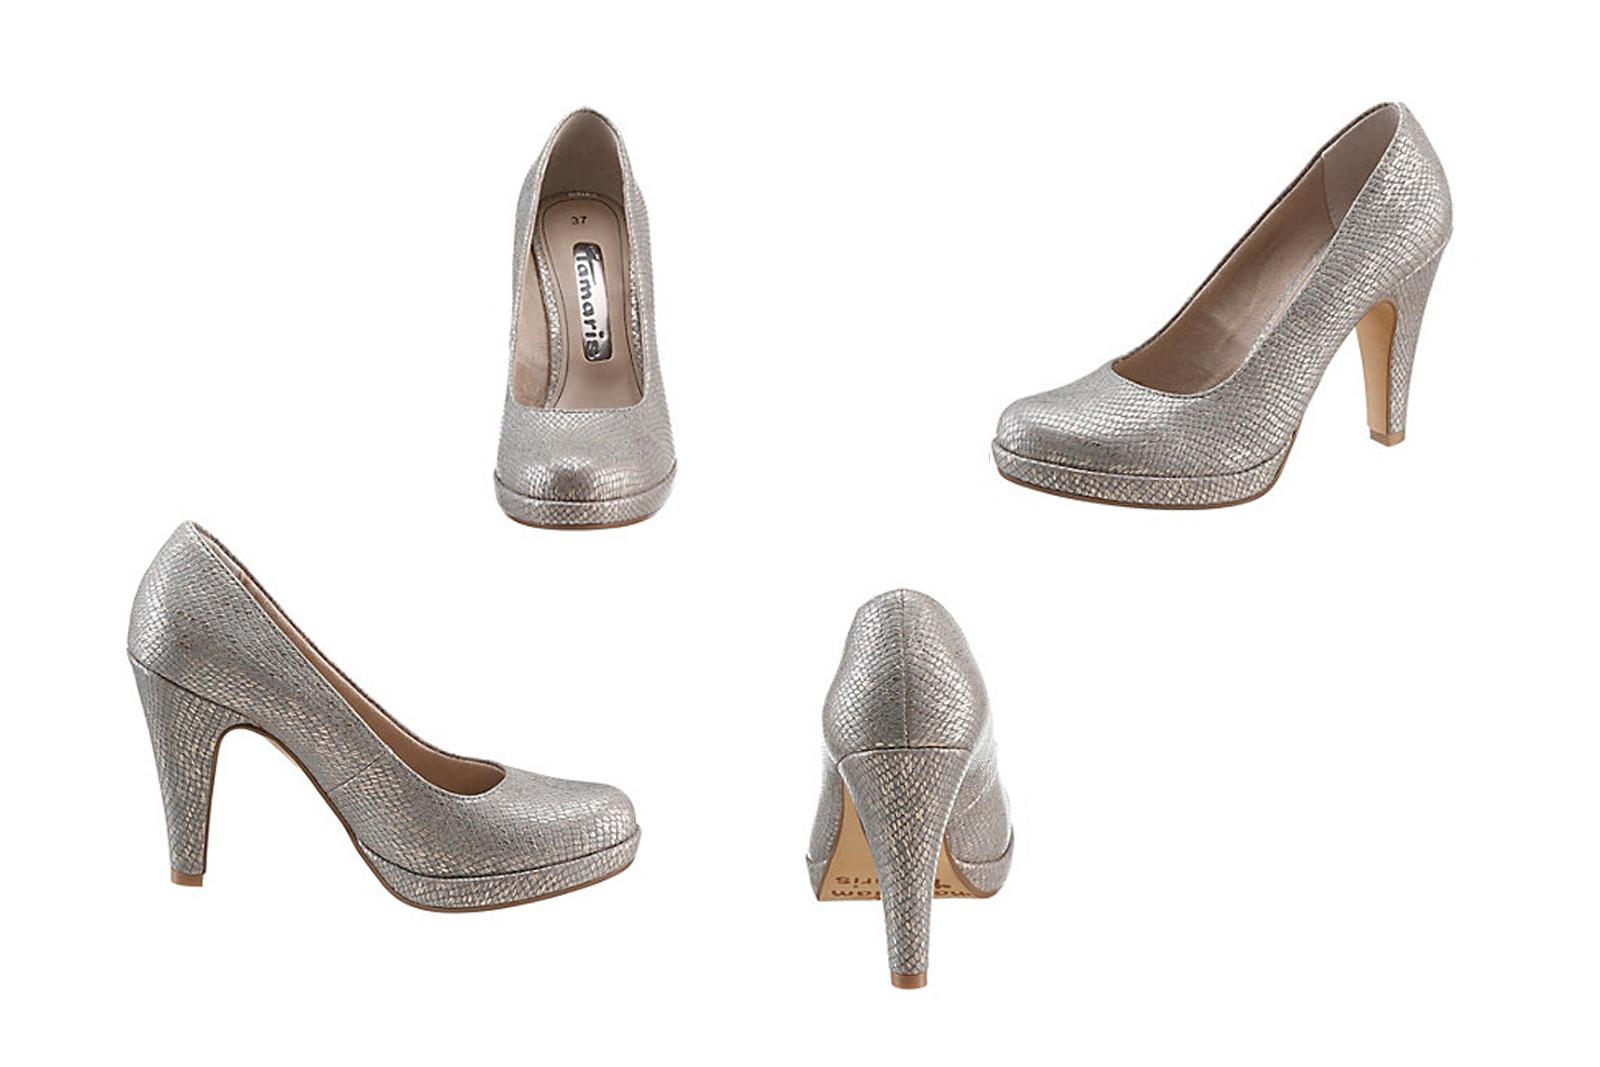 fashion_heine_tamaris_schuhe_high_heels_highheels_nadja_nemetz_nadjanemetz_2